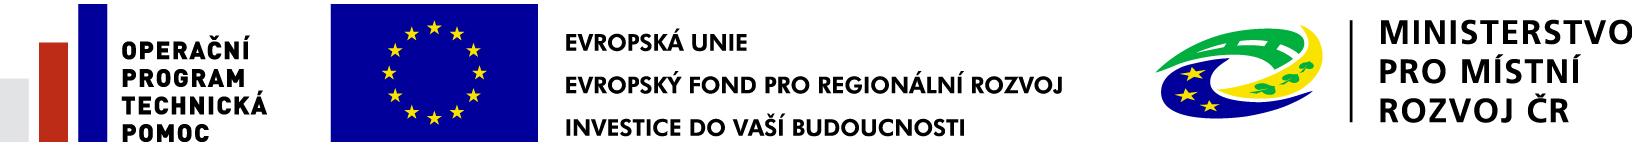 Podpora vzniku strategie komunitně vedeného místního rozvoje pro území MAS Vltava.